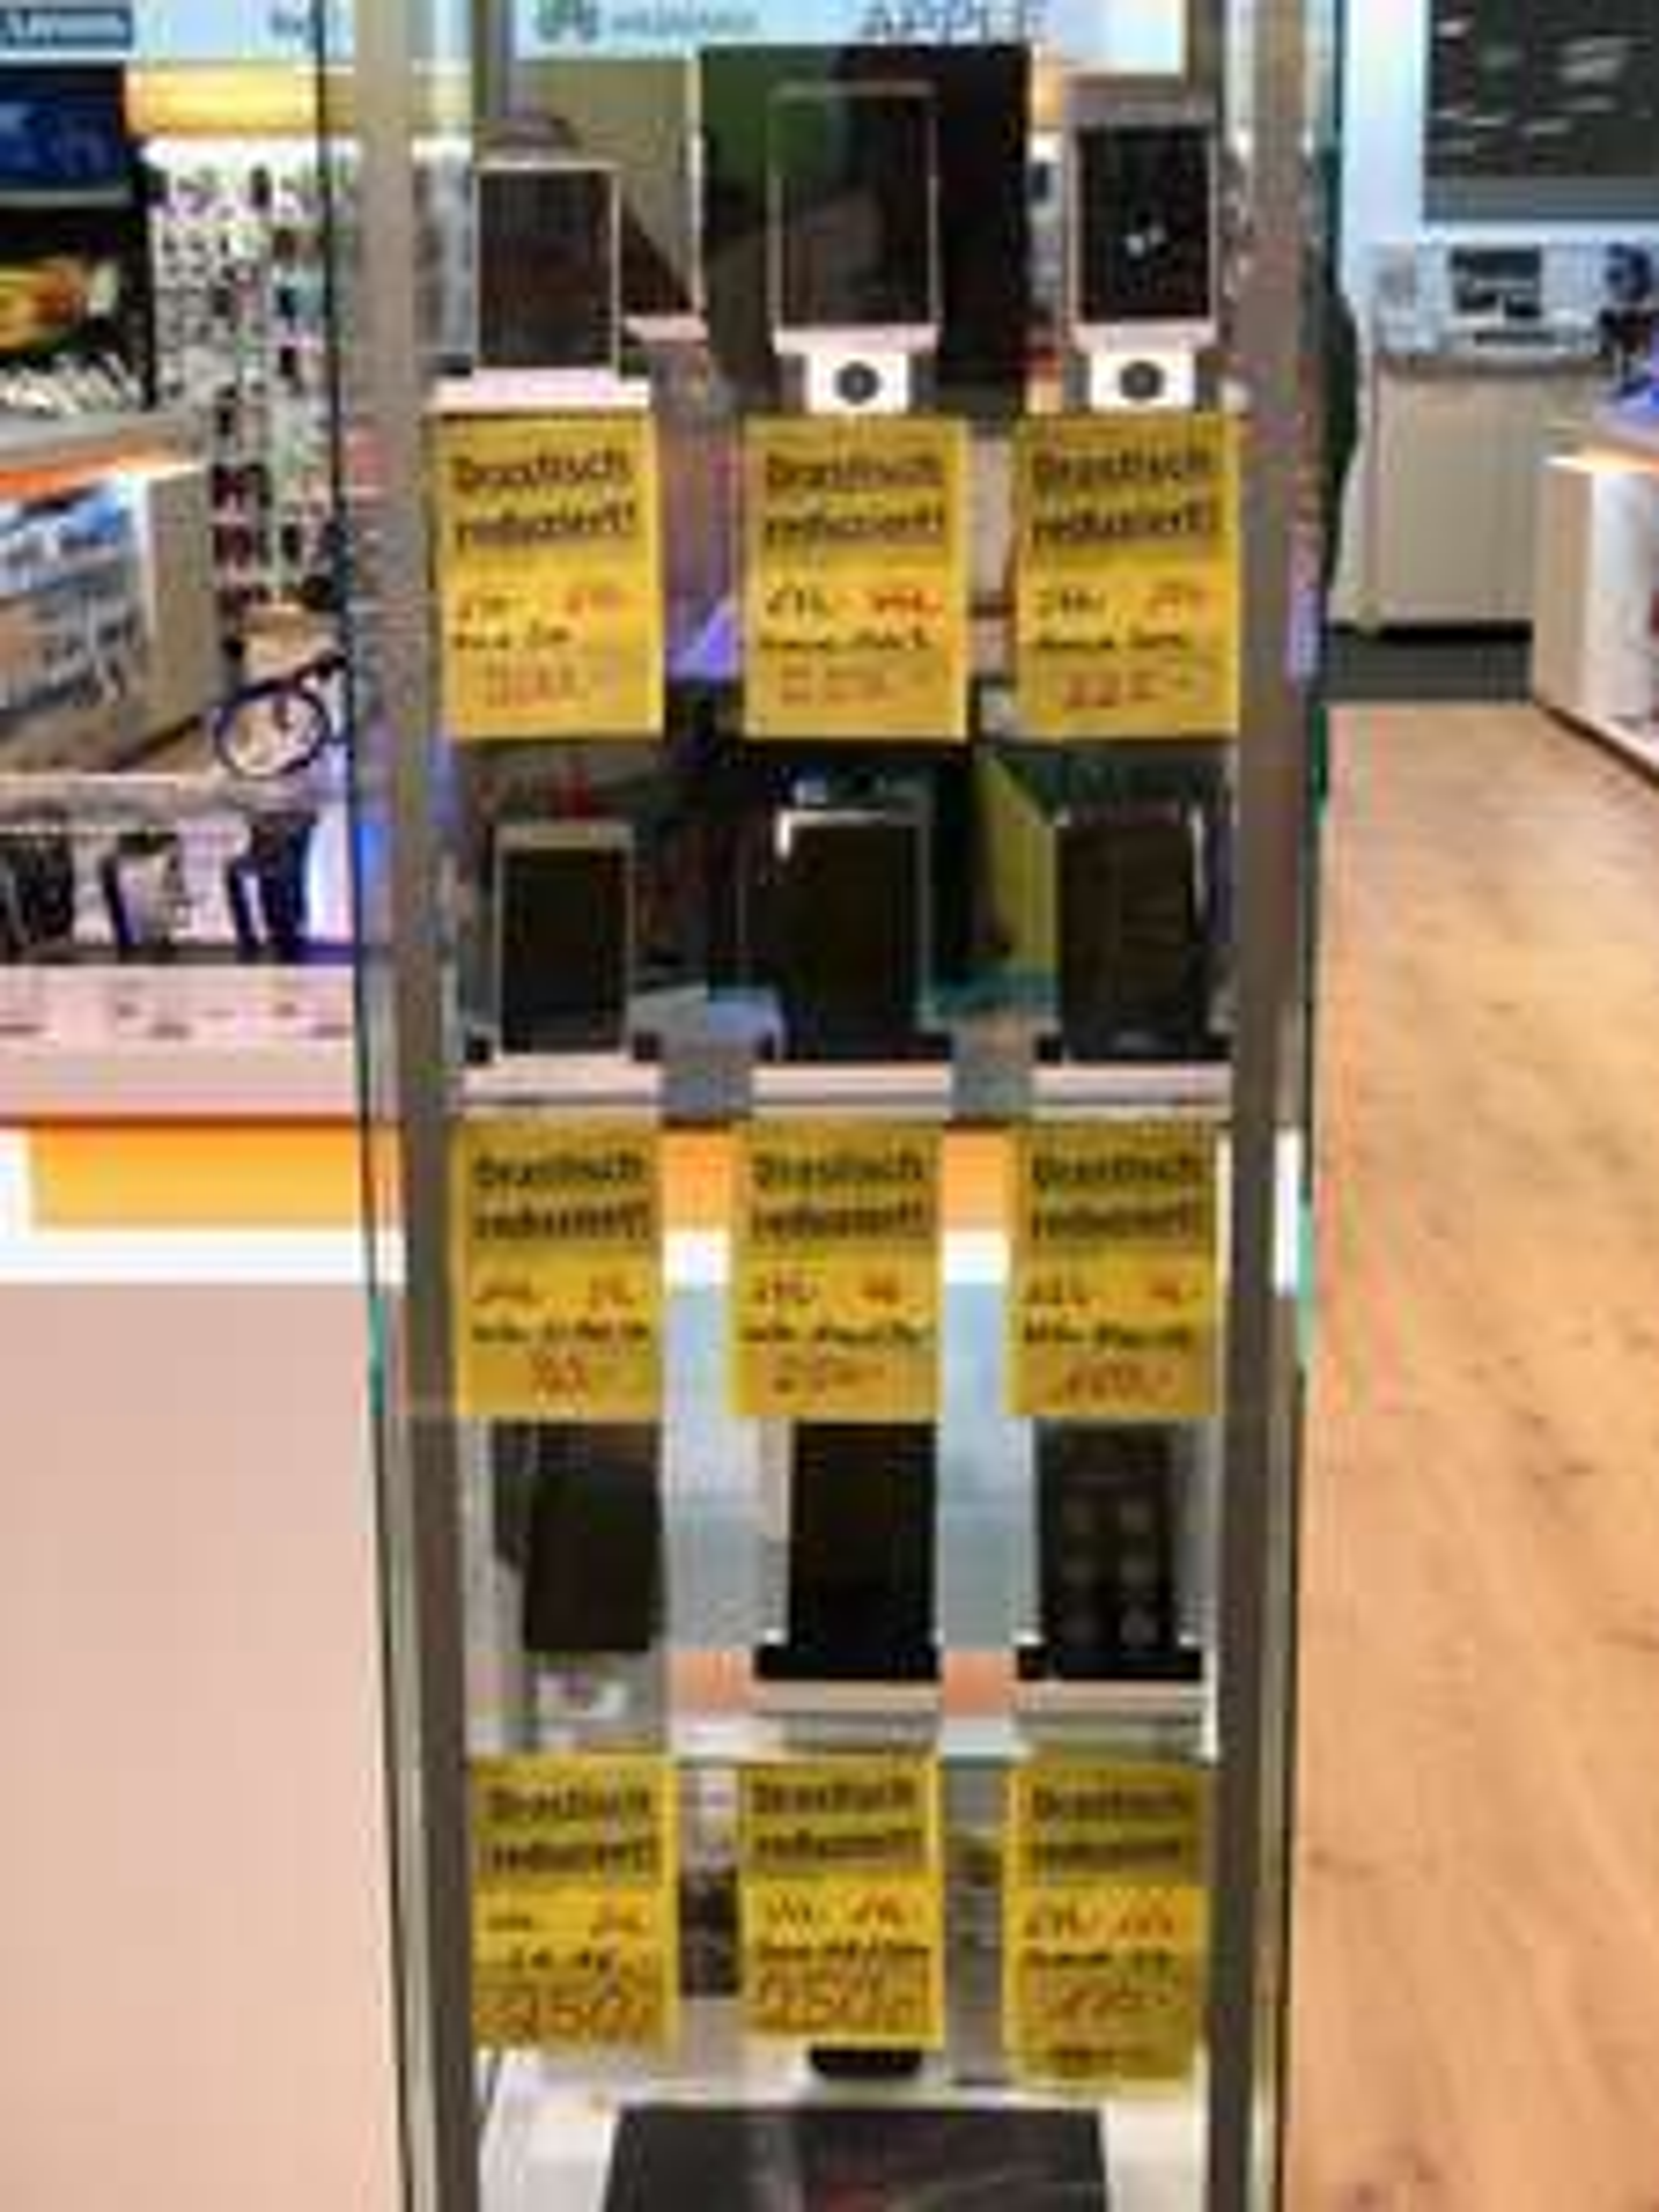 Huawei Mate 9 für 250€ und einige weitere Handys zum Sonderpreis. Lokal Expert Bening Oldenburg.